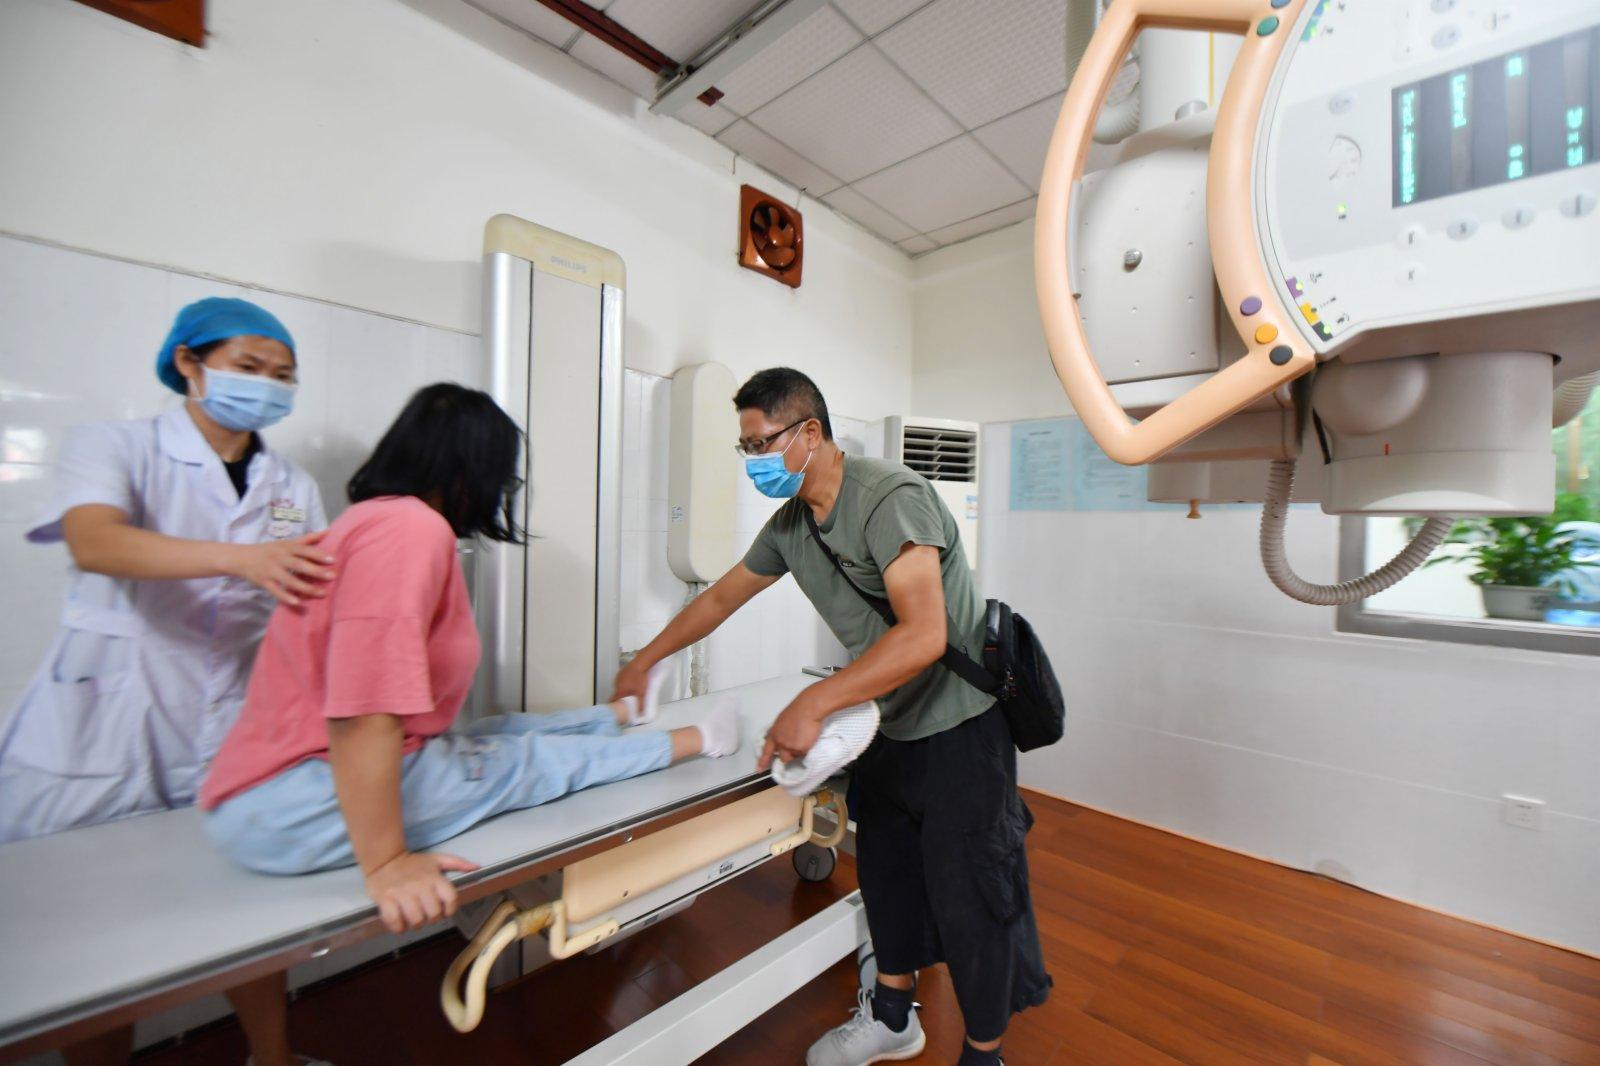 9月2日,謝培軍陪伴女兒在湖南大學校醫院做體檢。(新華社)